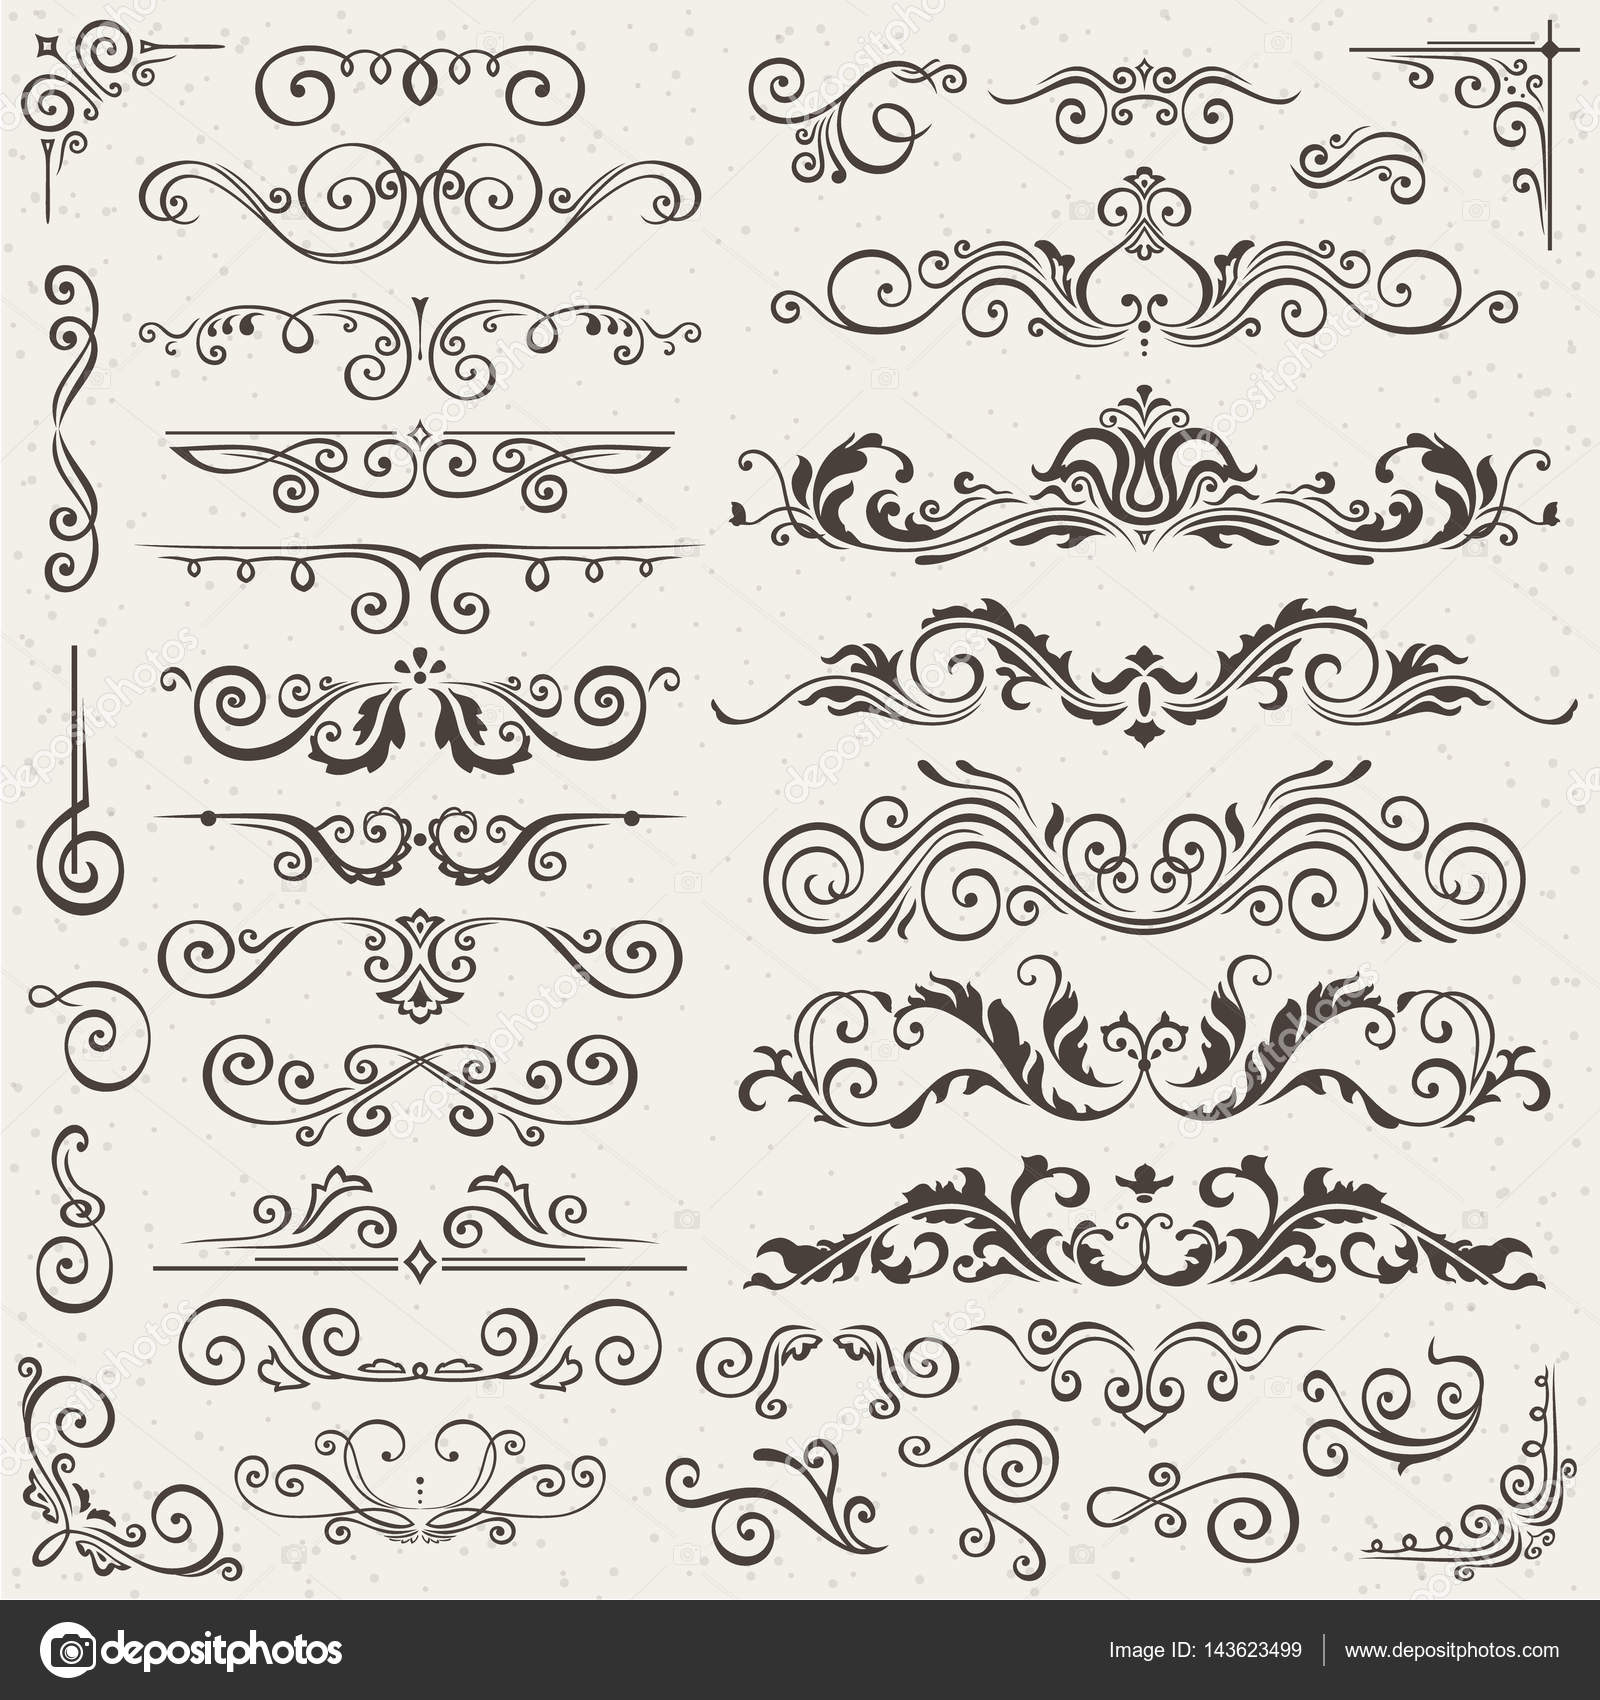 Karte Einladung Vektorelemente. Viktorianische Grunge Kalligraphische.  Hochzeits Einladungen Festgelegt. Mittelalterliche Ornament Grenzen.